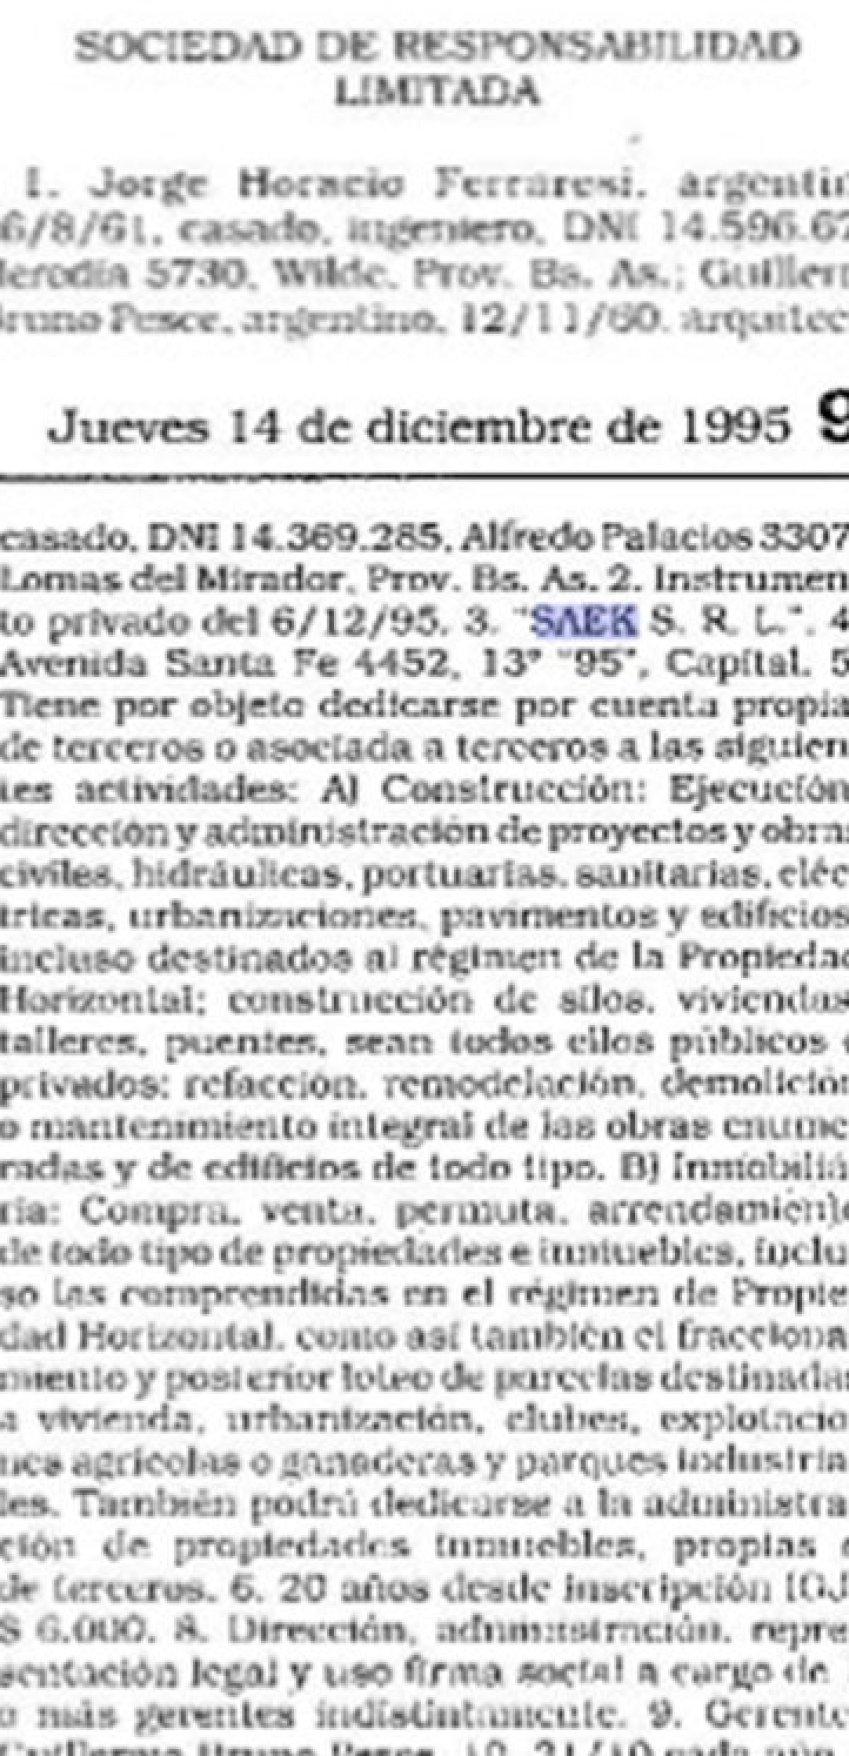 El Boletín Oficial de diciembre de 1995 en que apareció publicada la constitución de SAEK SRL, y aparece Ferraresi como socio fundador.